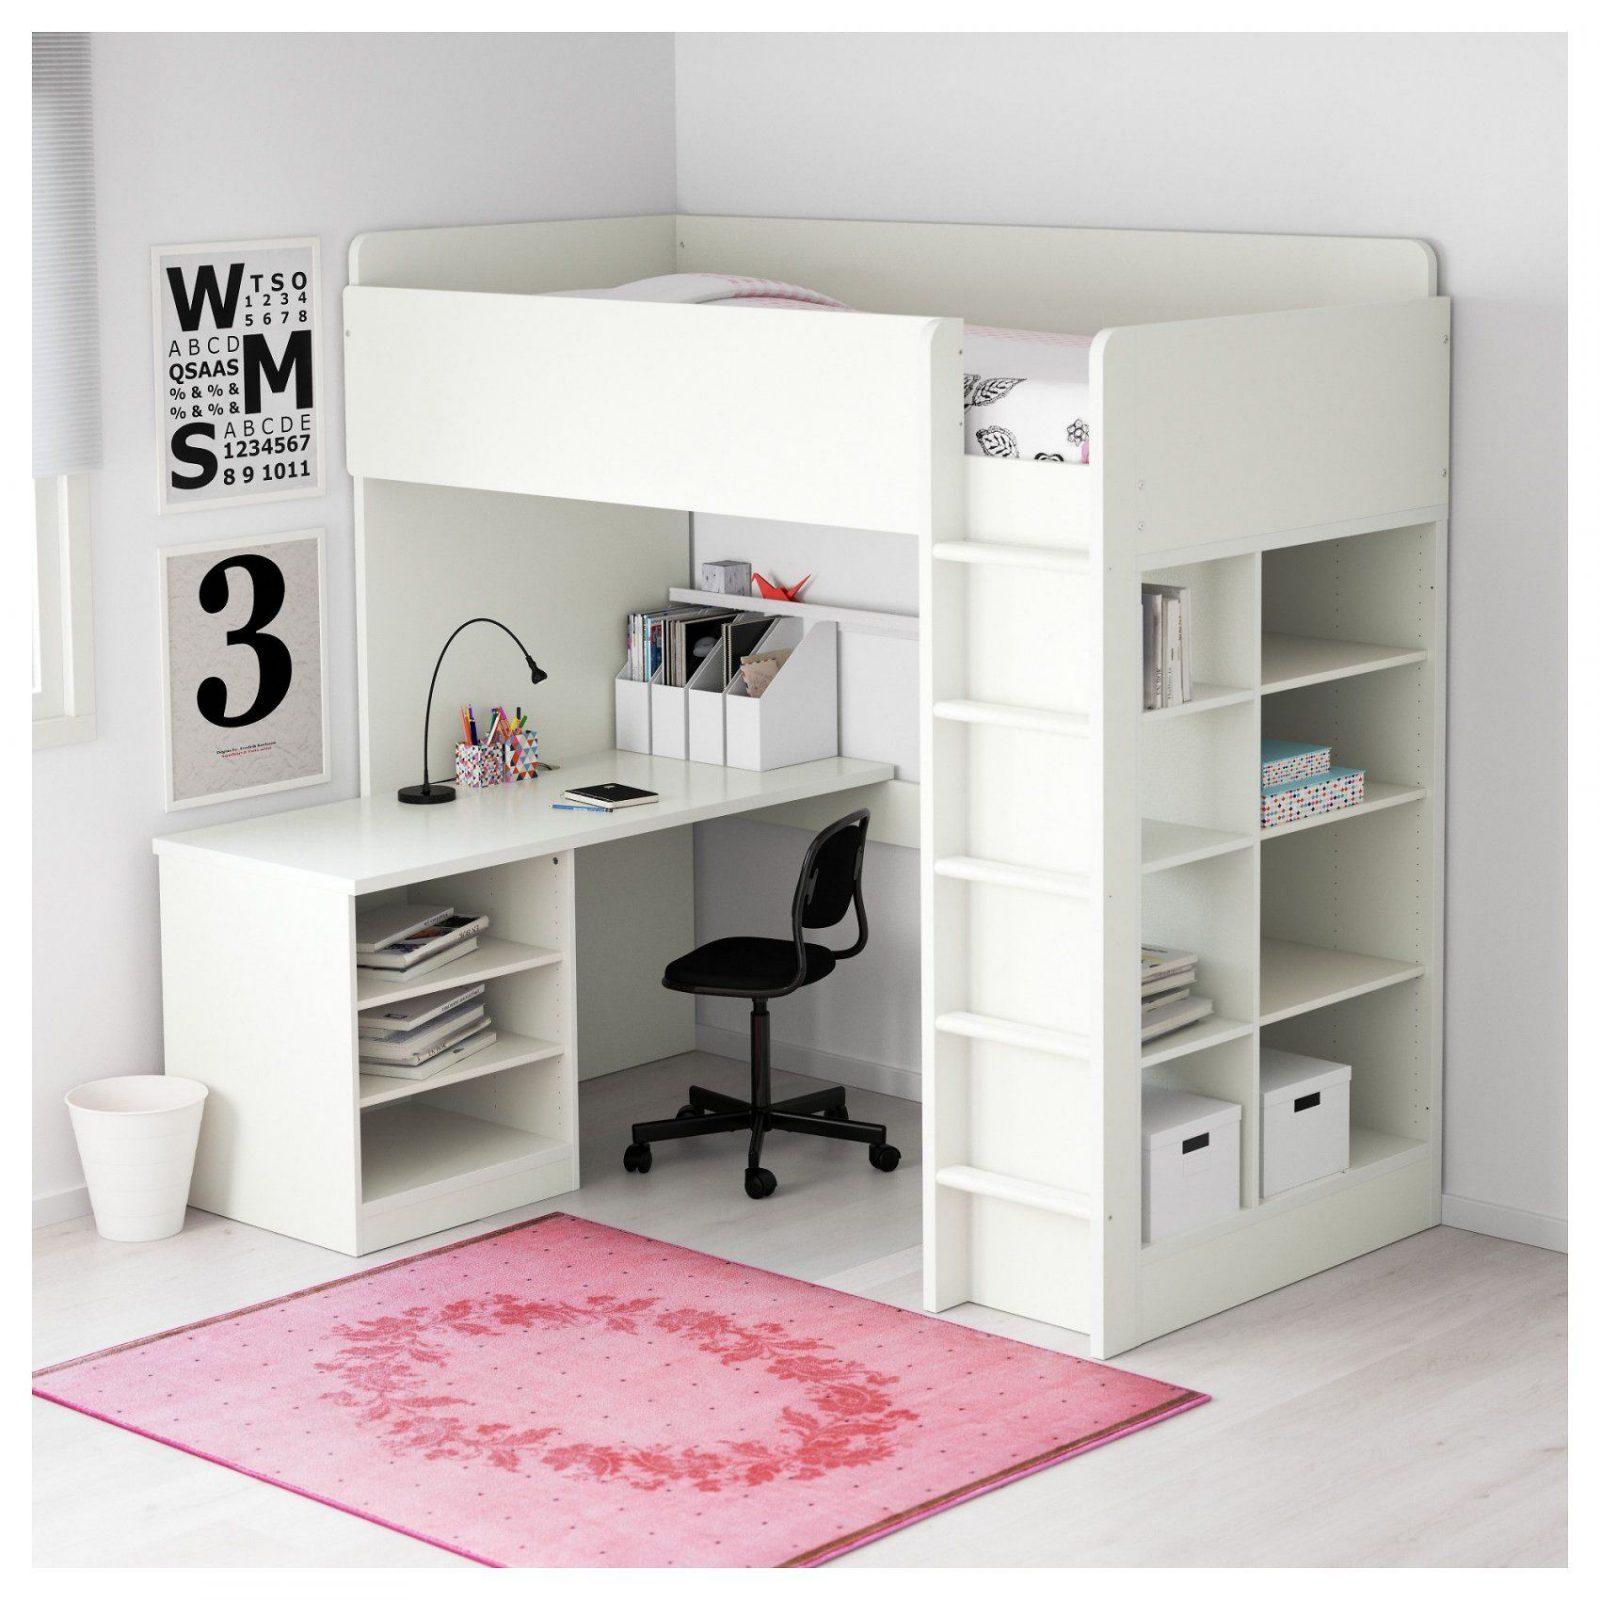 Pin Von Abi Aldous Auf Bedroom Ideas For Lucy  Pinterest  Kinderzimmer von Hochbett Mit Schreibtisch Ikea Photo